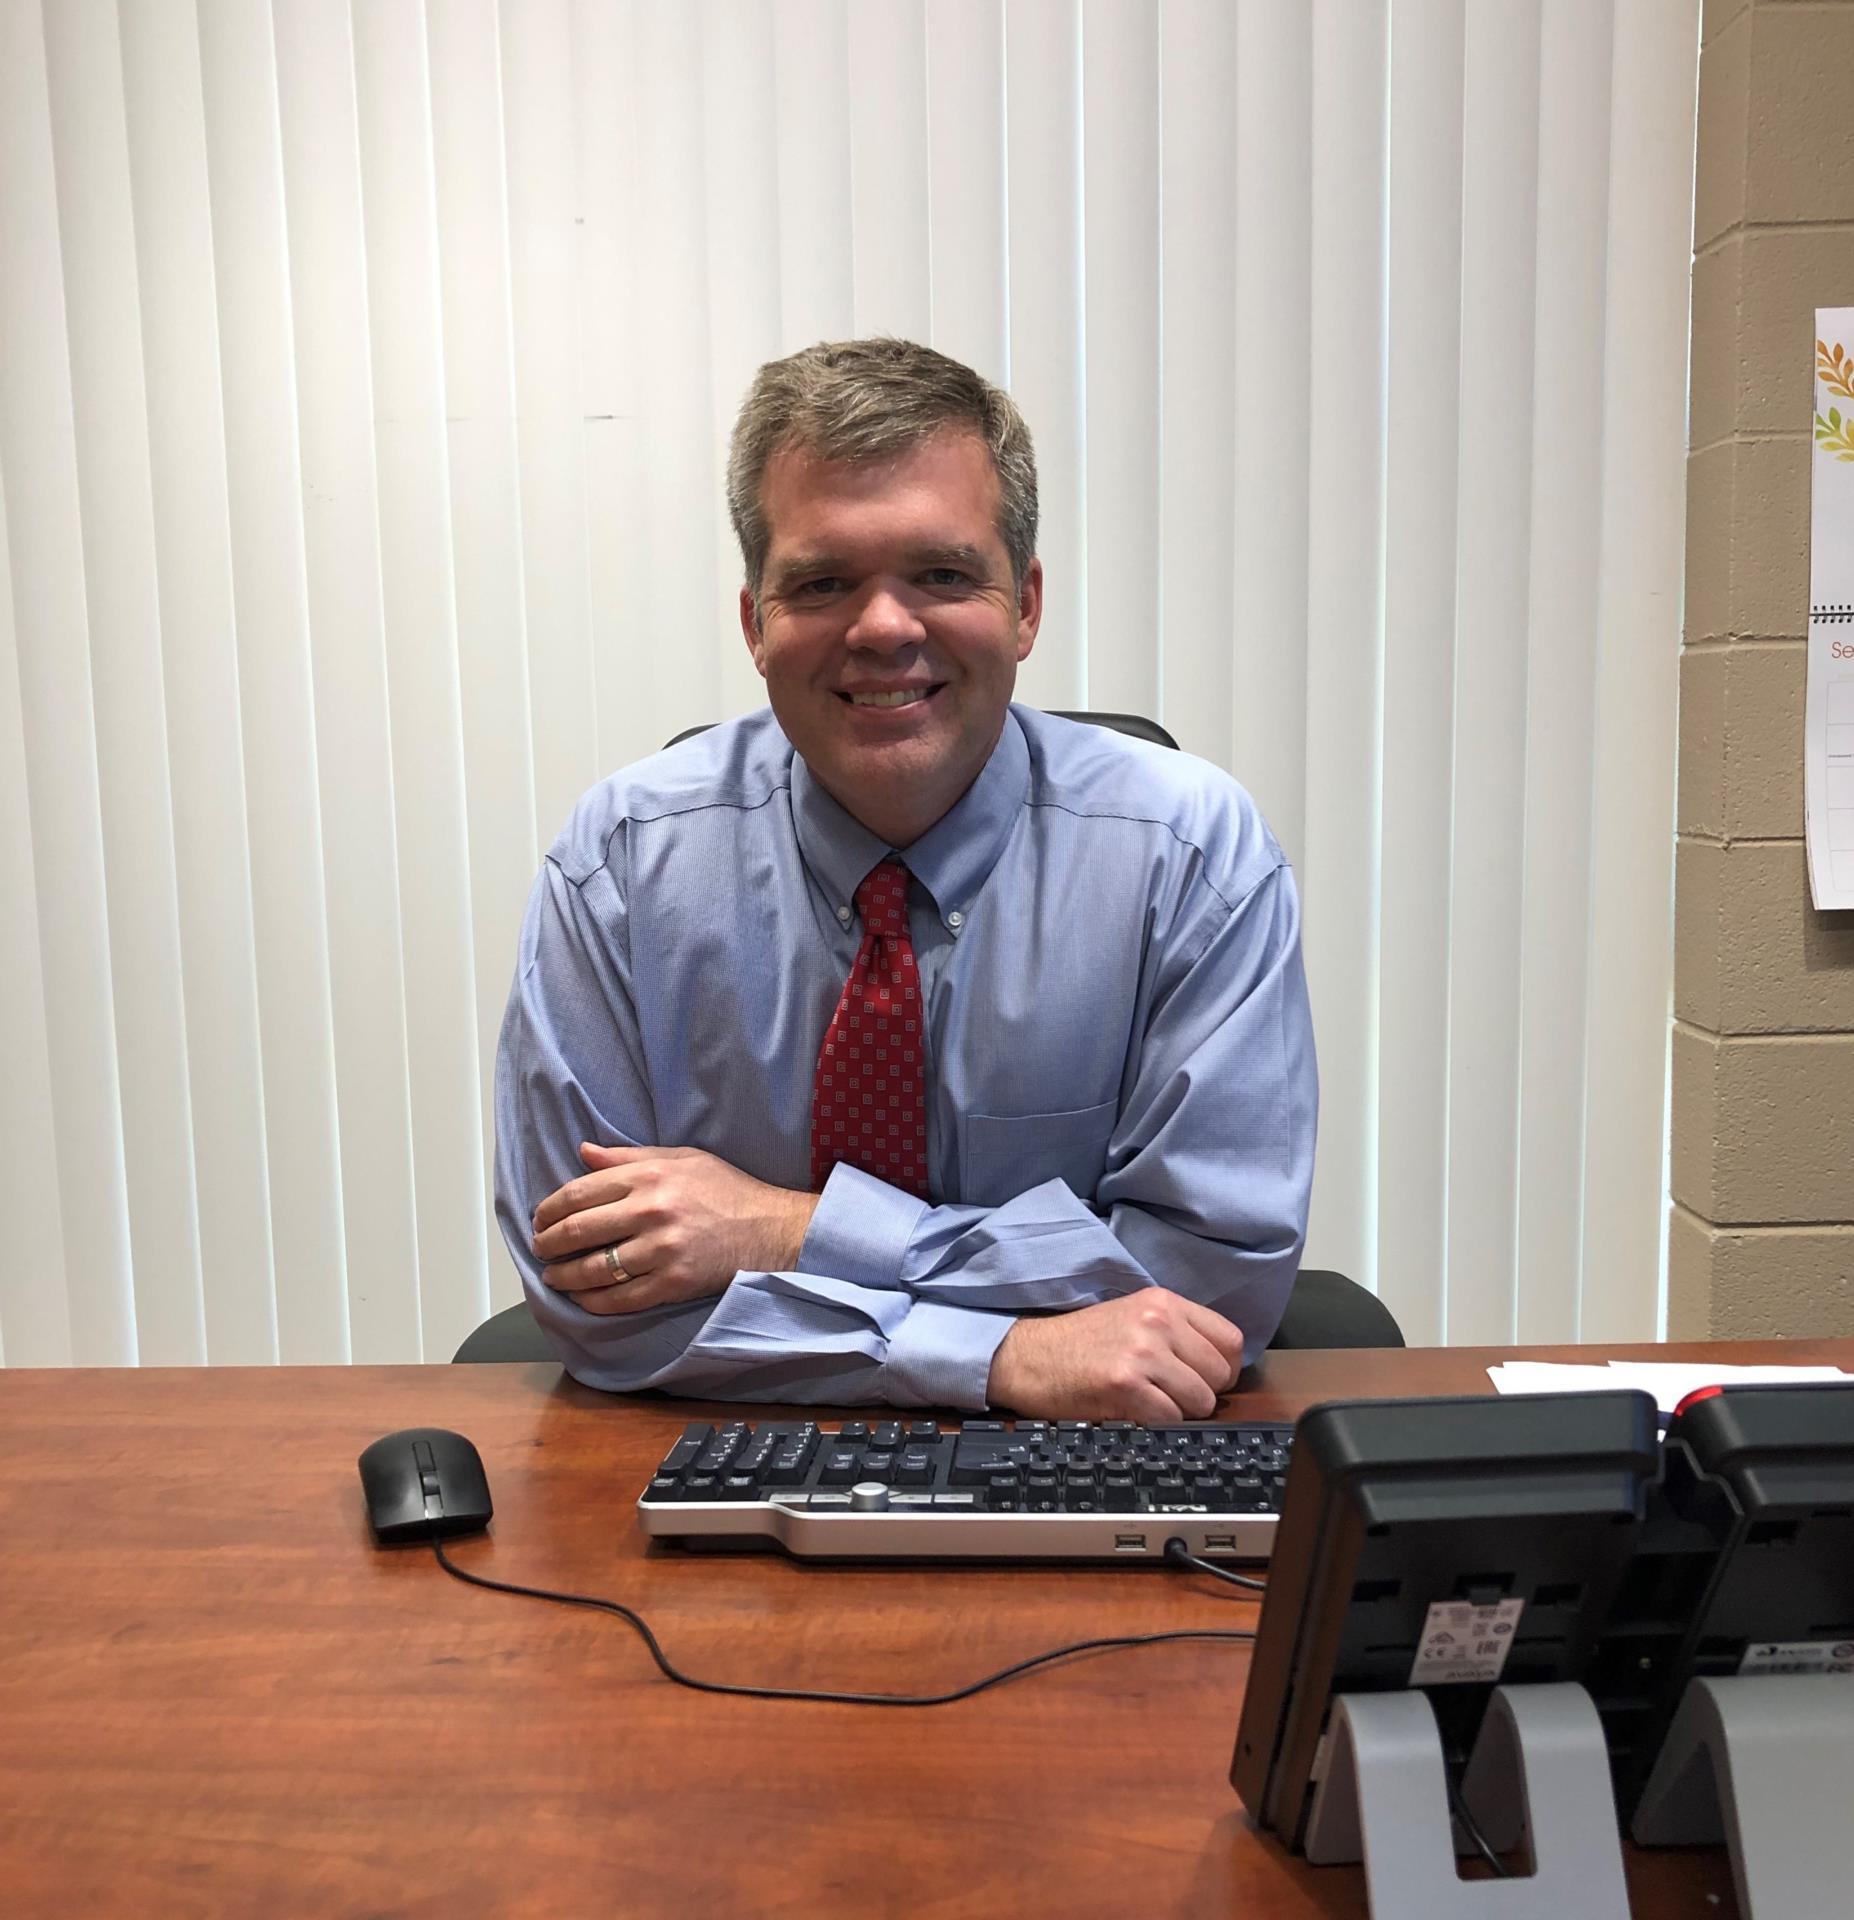 Principal, Todd Moody